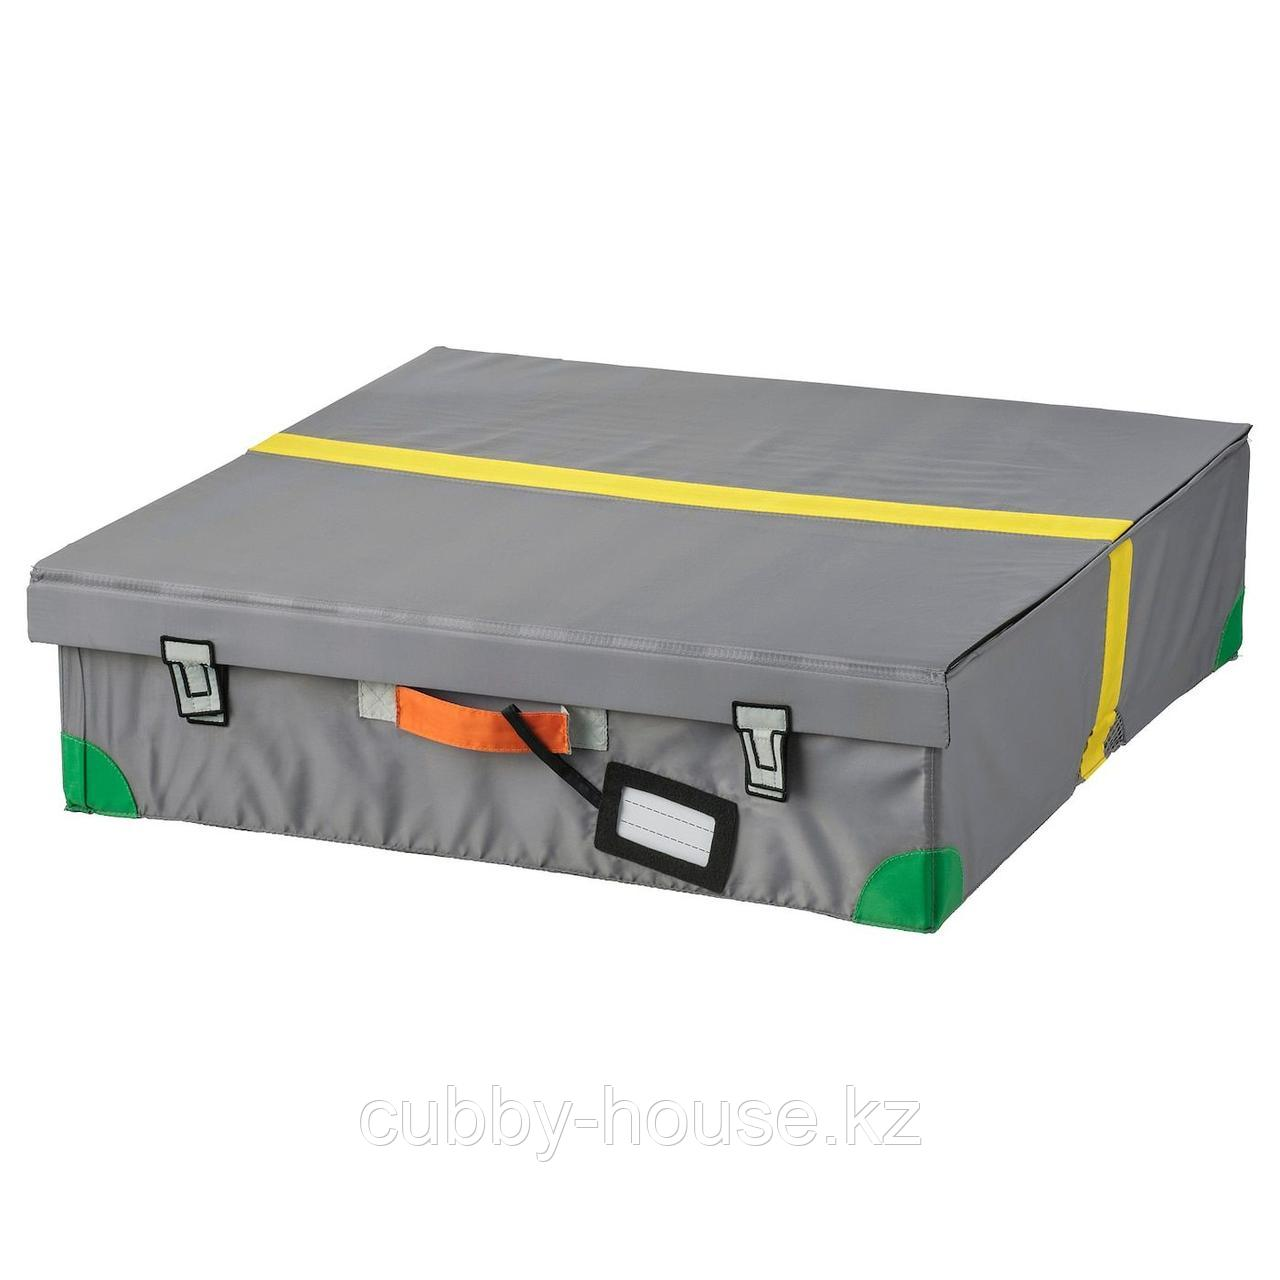 ФЛЮТТБАР Ящик кроватный, темно-серый, 58x58x15 см